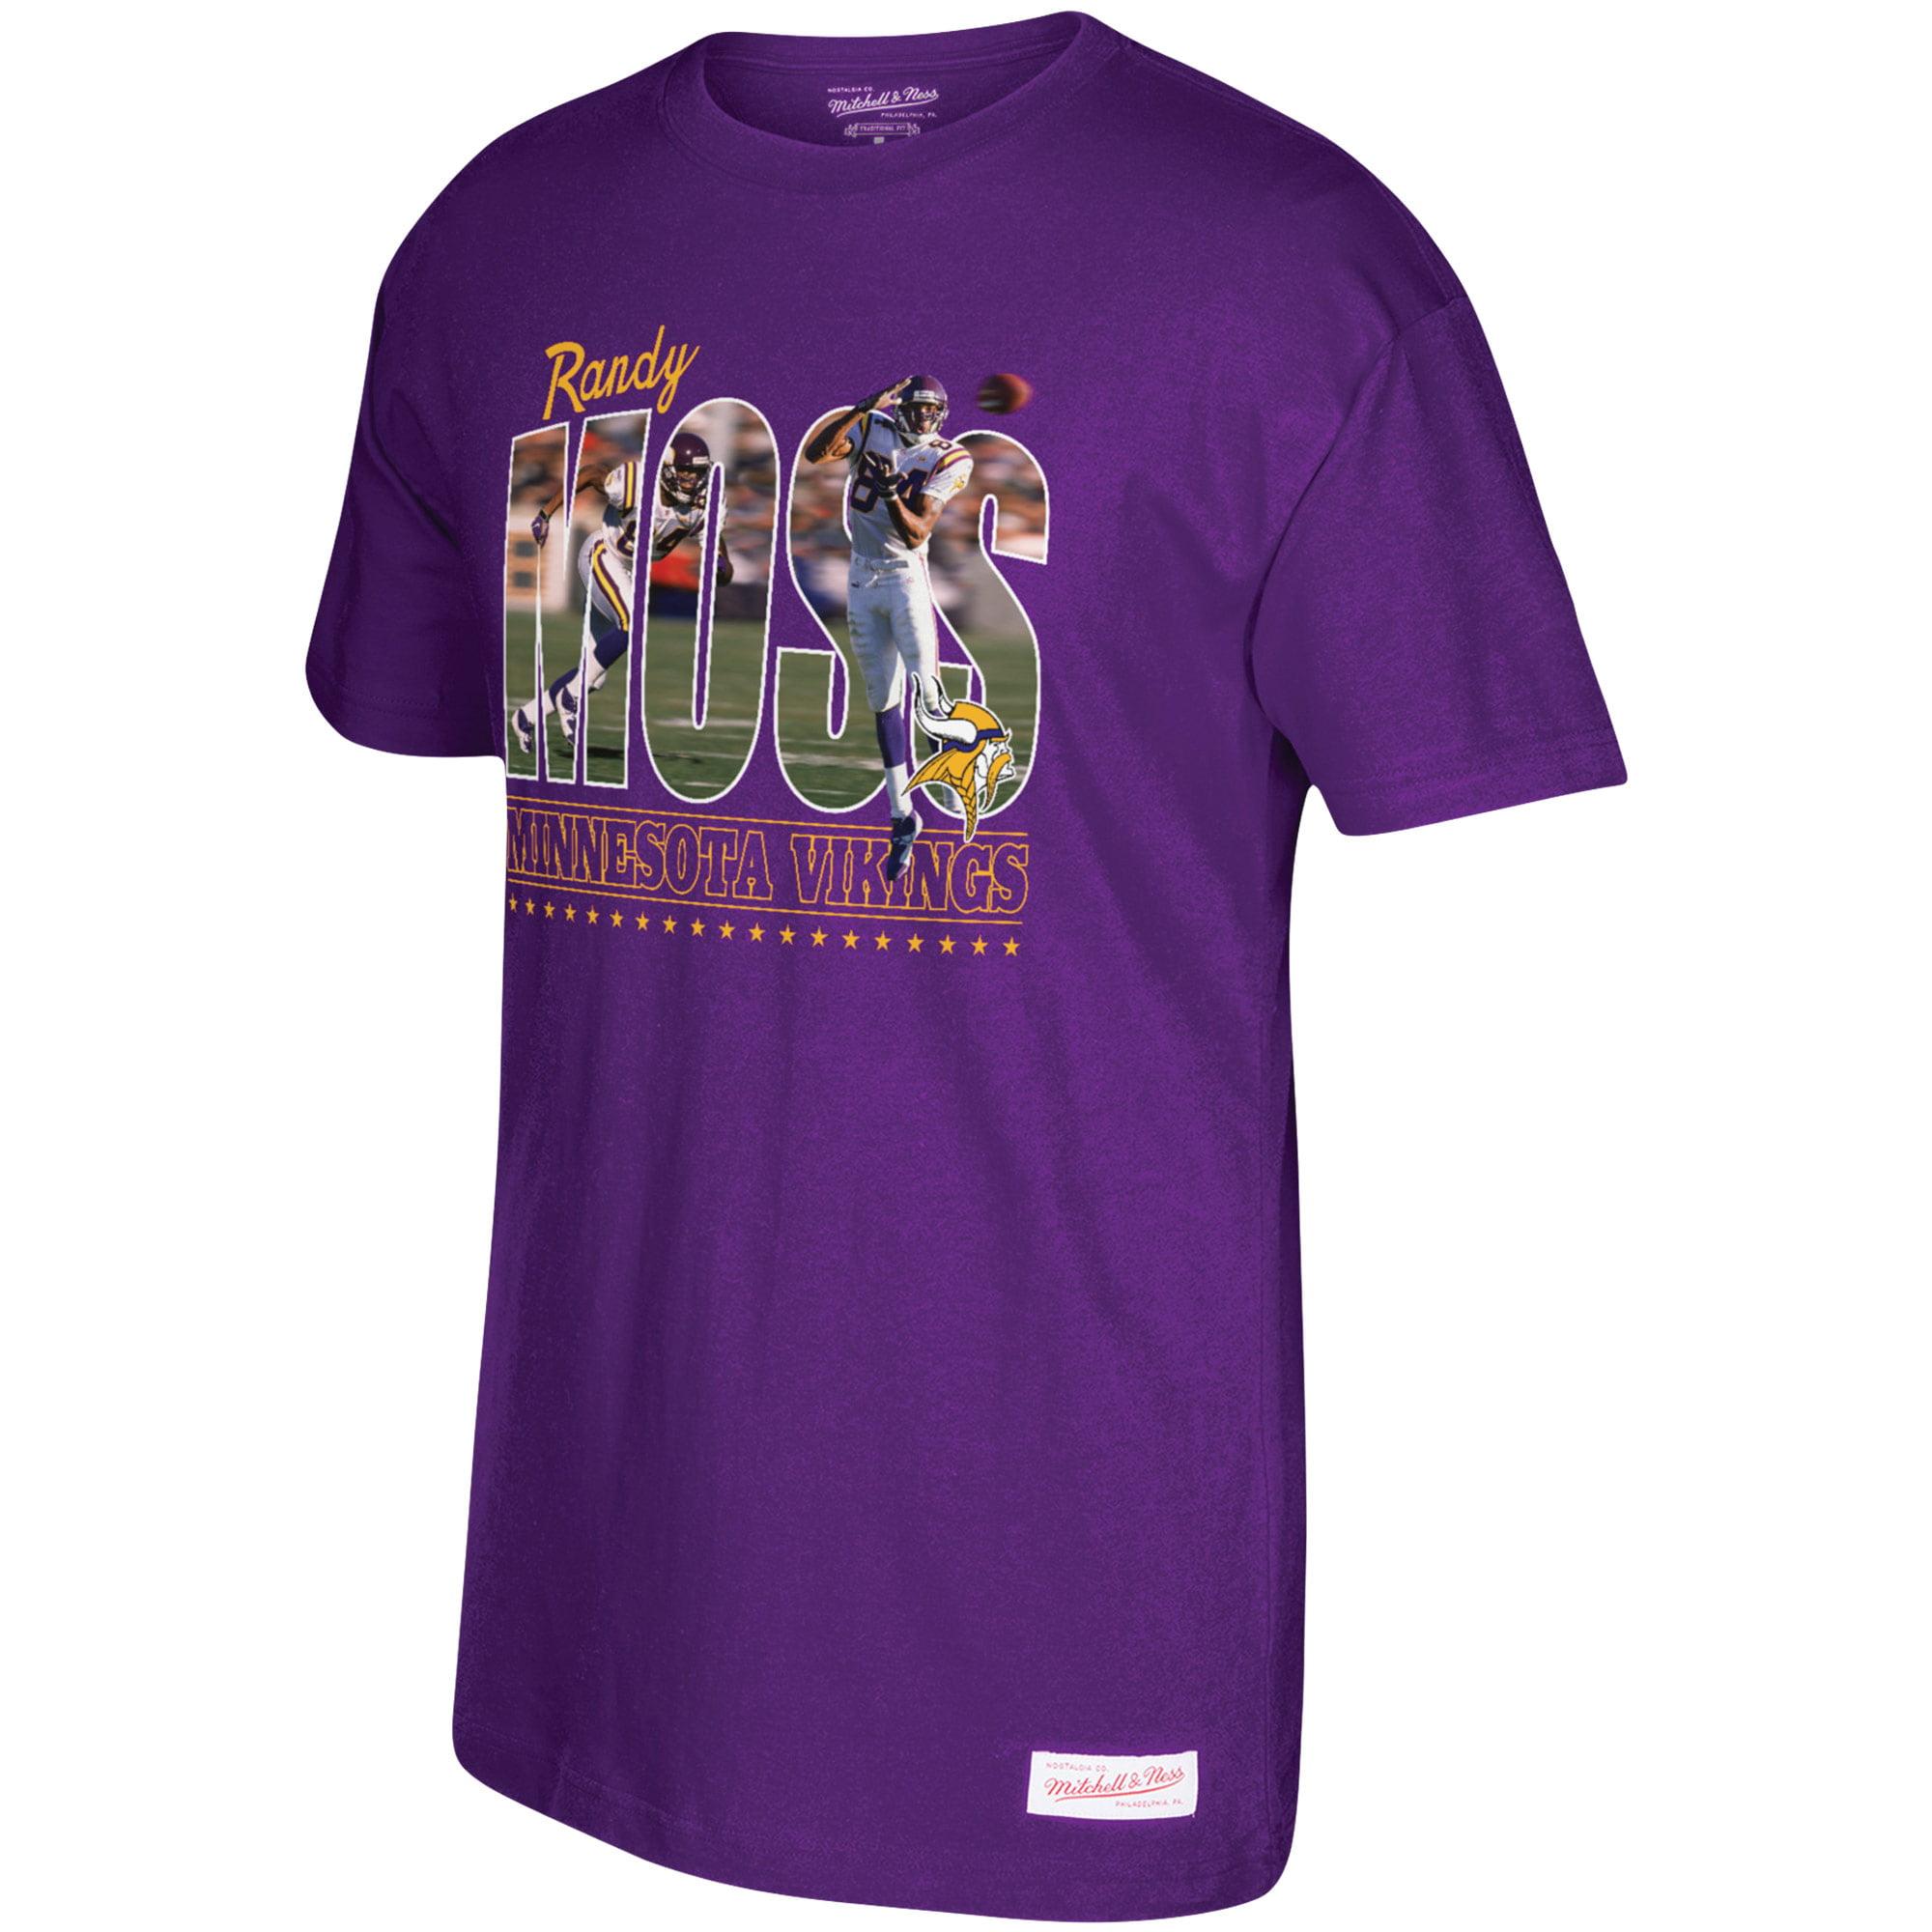 Randy Moss Minnesota Vikings Mitchell & Ness Photo Real T-Shirt - Purple